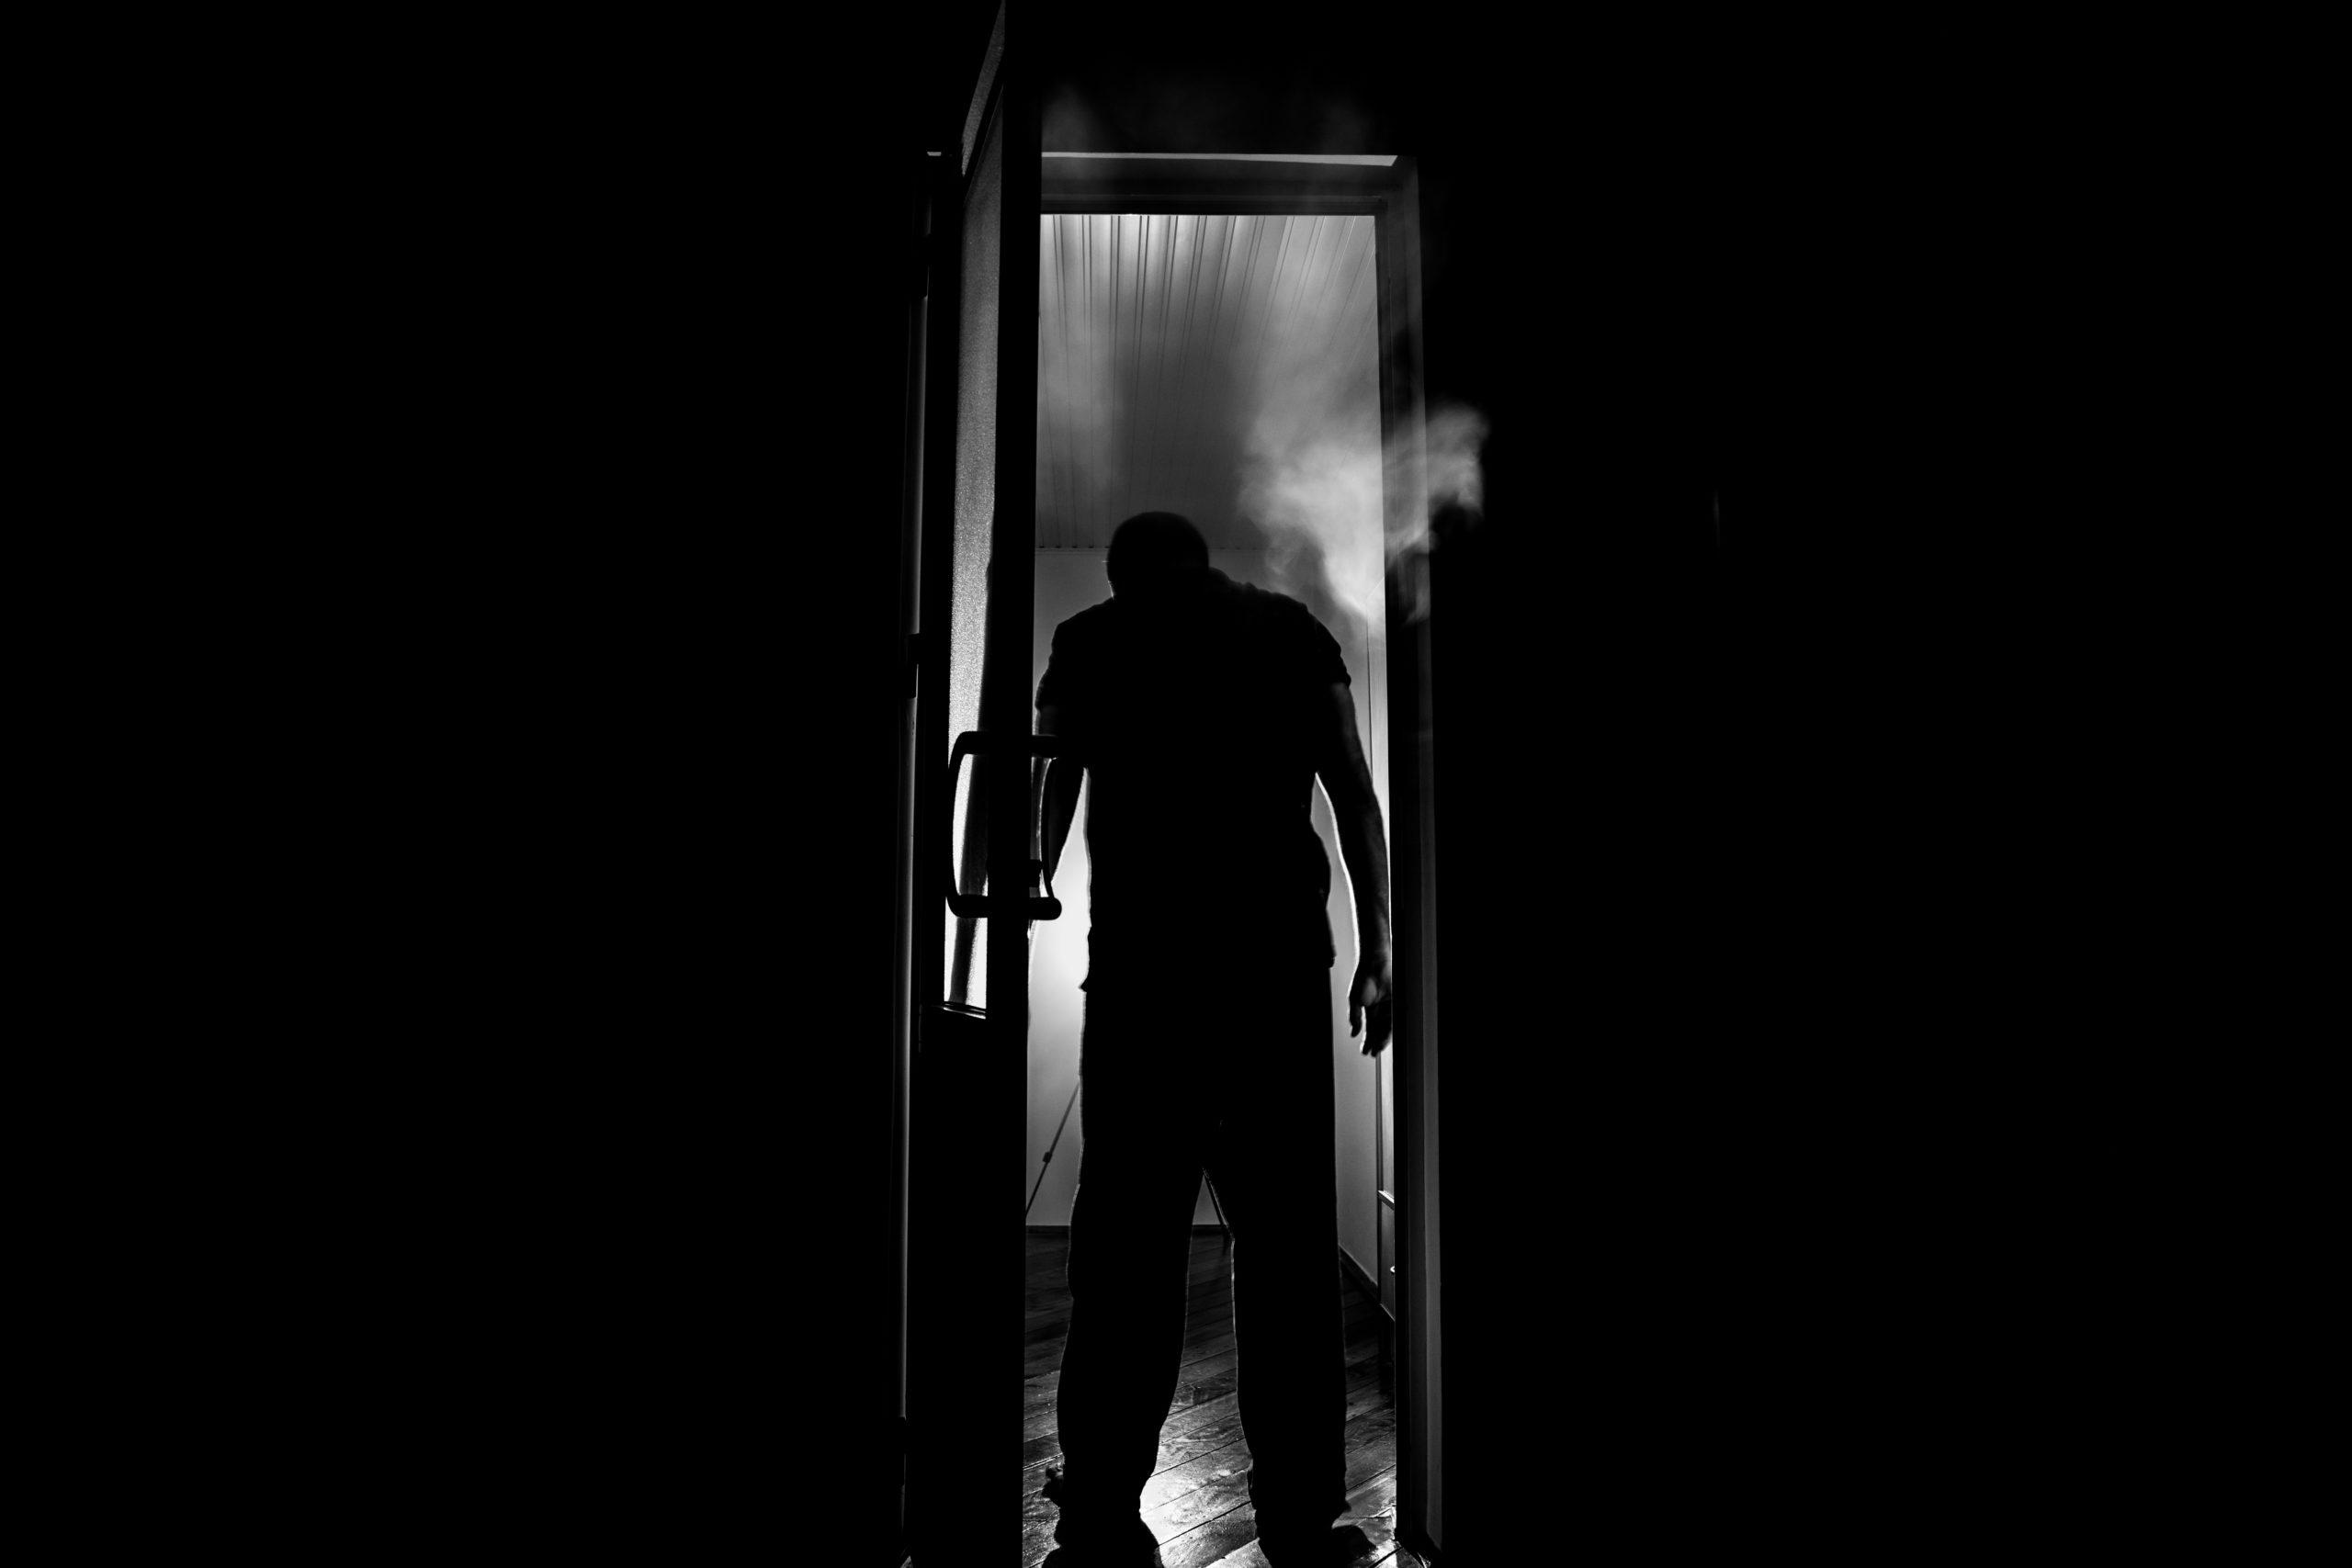 L'ombra sulla porta